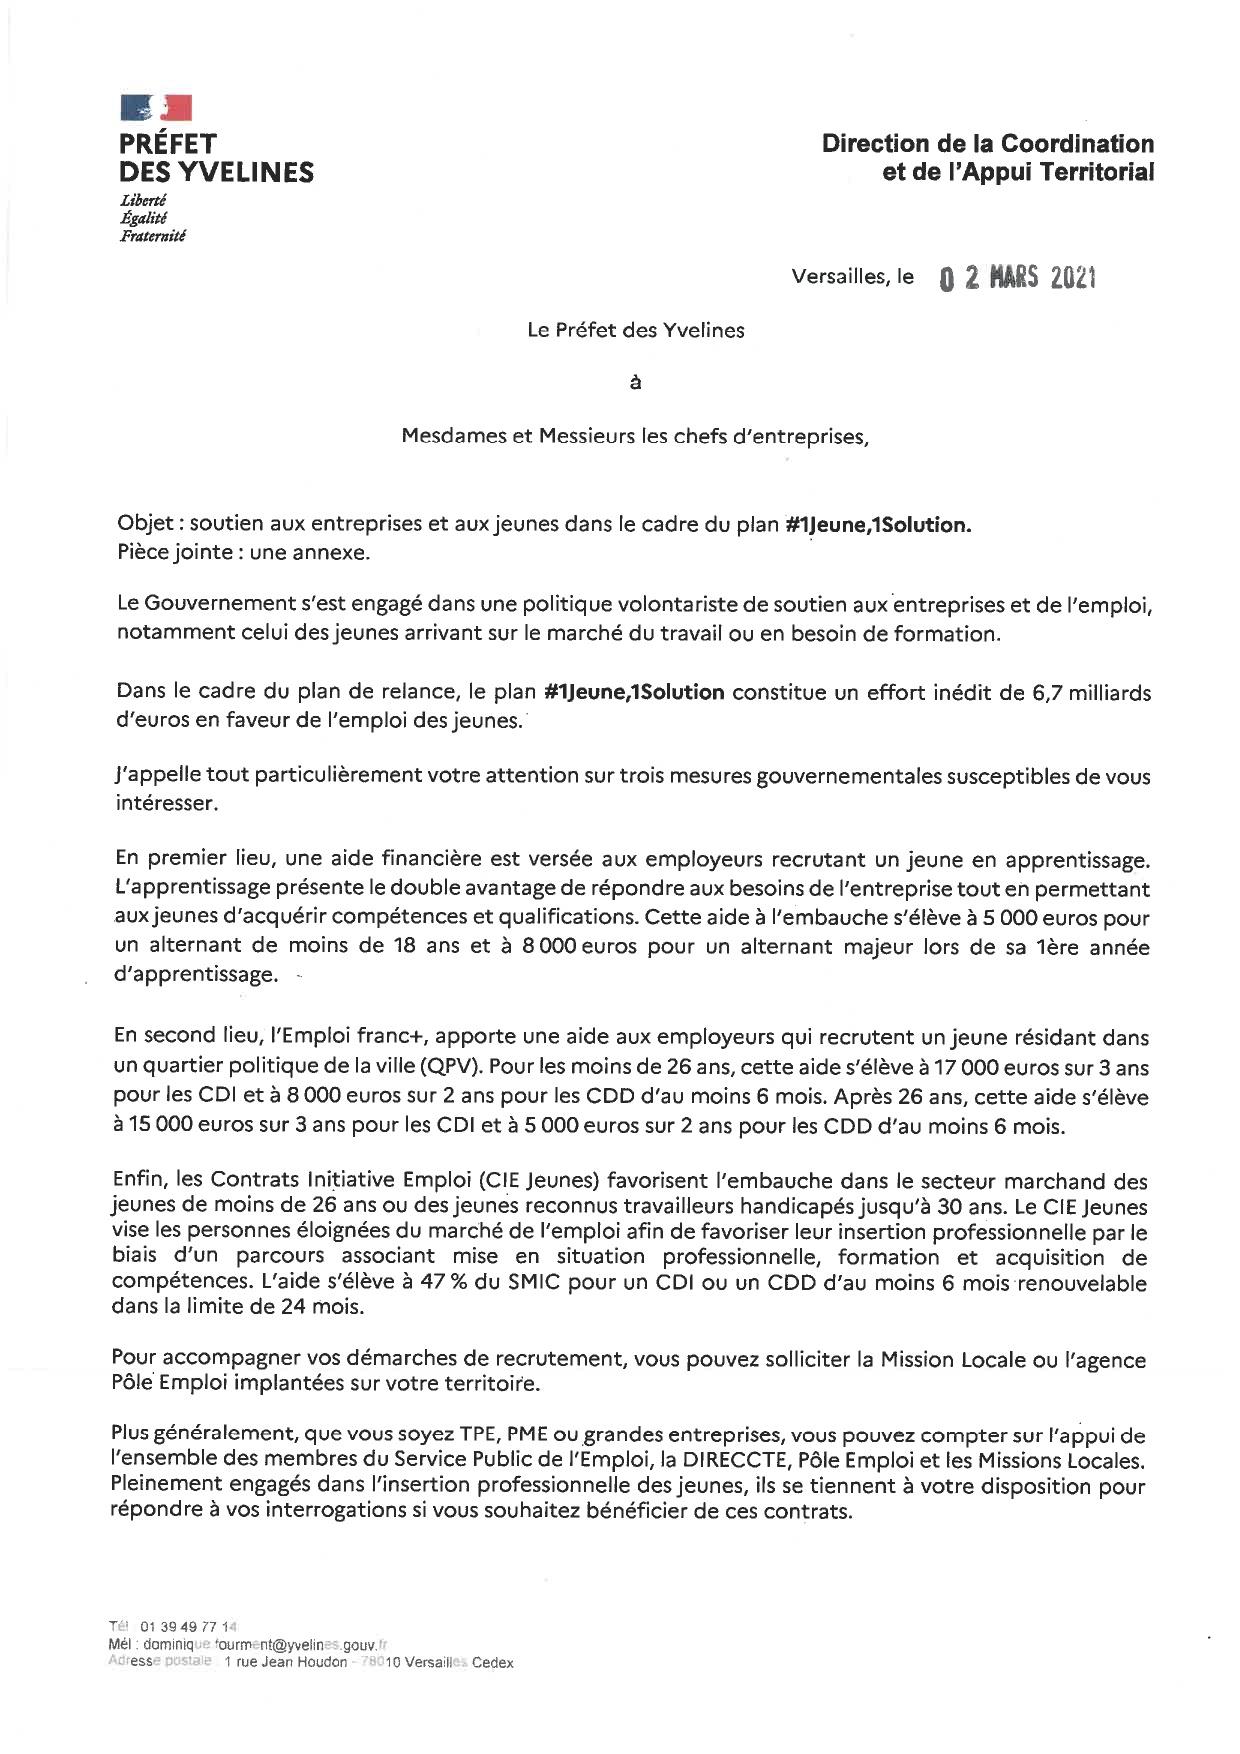 Courrier de M le Préfet des Yvelines aux entreprises #1jeune, 1 solution.